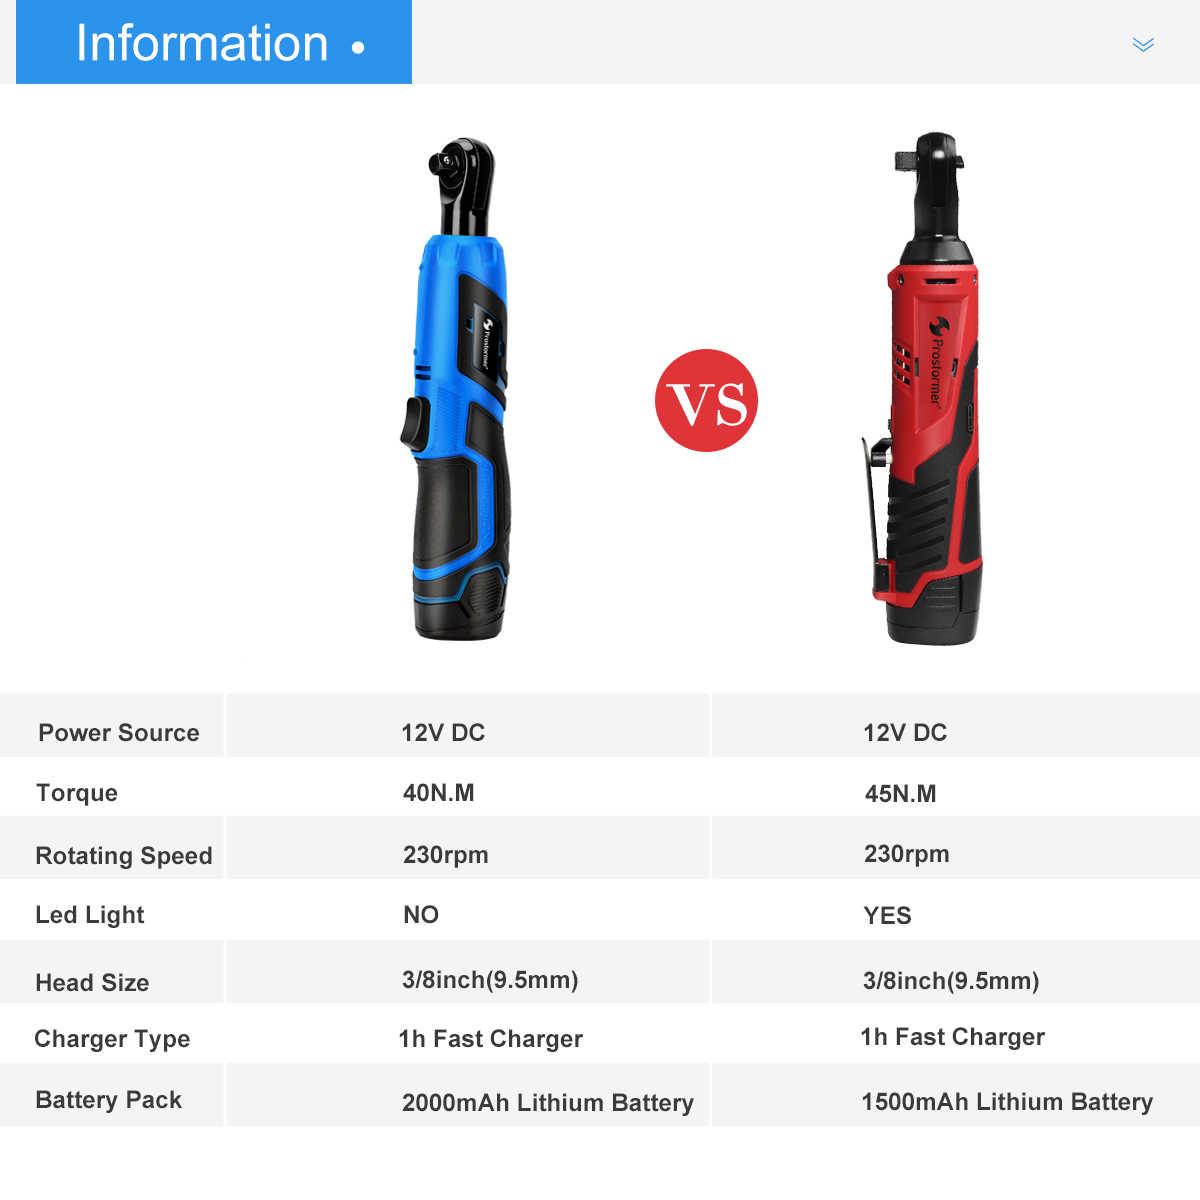 PROSTORMER электрический ключ с трещоткой 12 в беспроводной 3/8 дюймов 2000 мАч литиевая батарея электрический ключ со светодиодной подсветкой инструмент для ремонта автомобиля